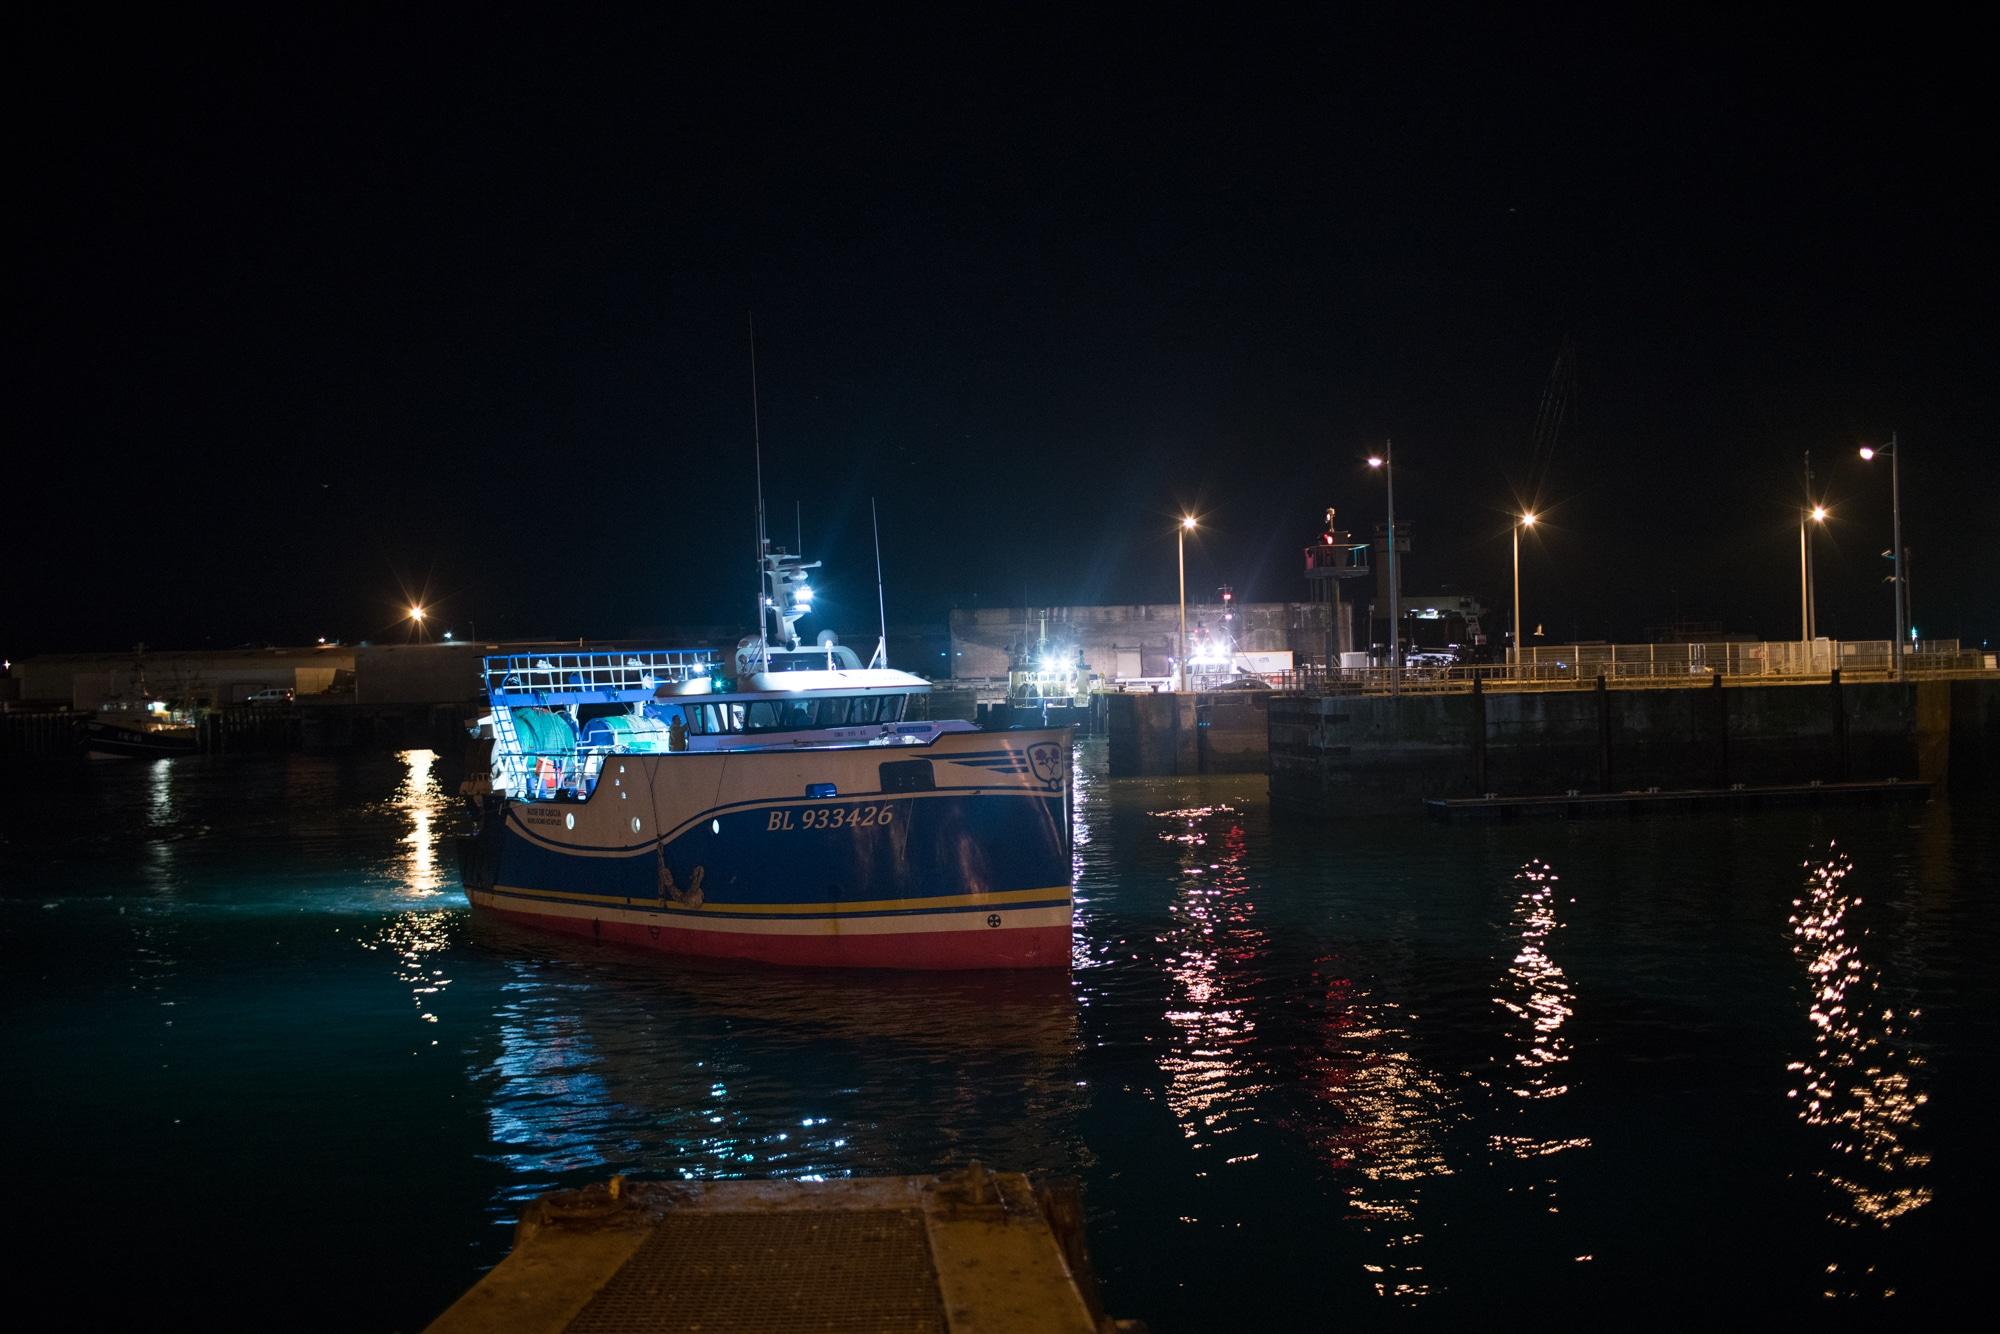 Un bateau navigue dans les eaux du port, la nuit